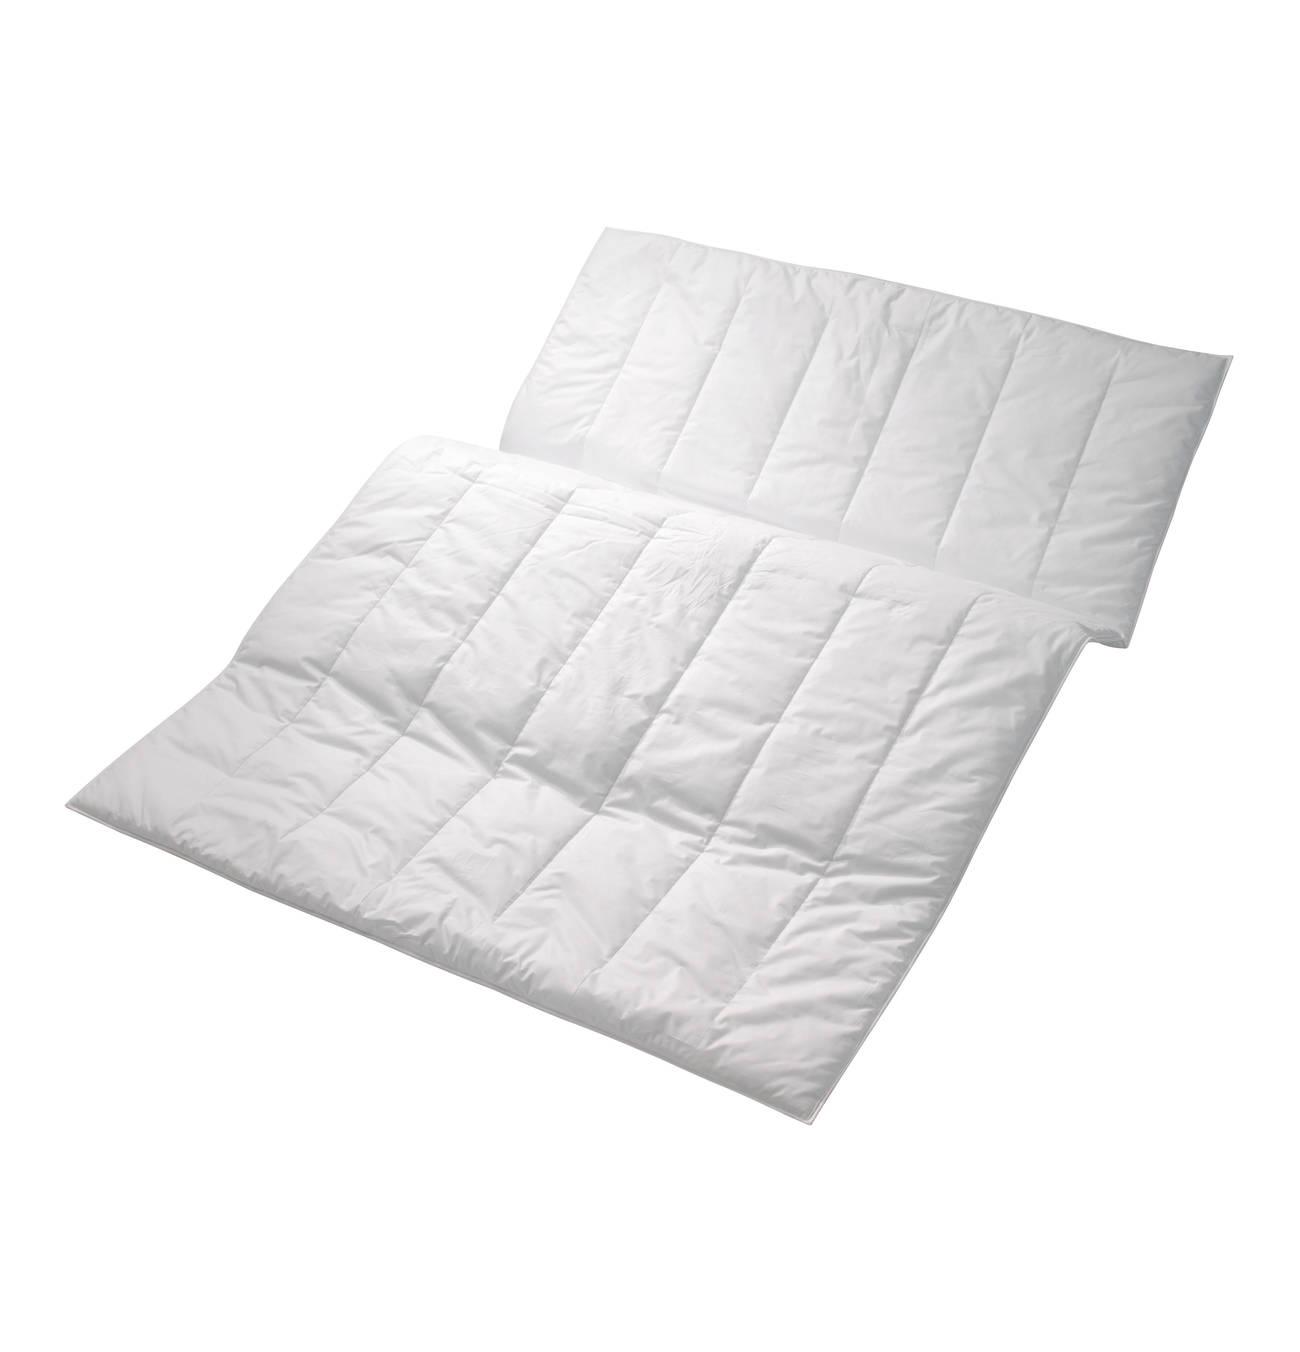 Steppbett Fullung Optifill Markenfasern 100 Polyester Bezug